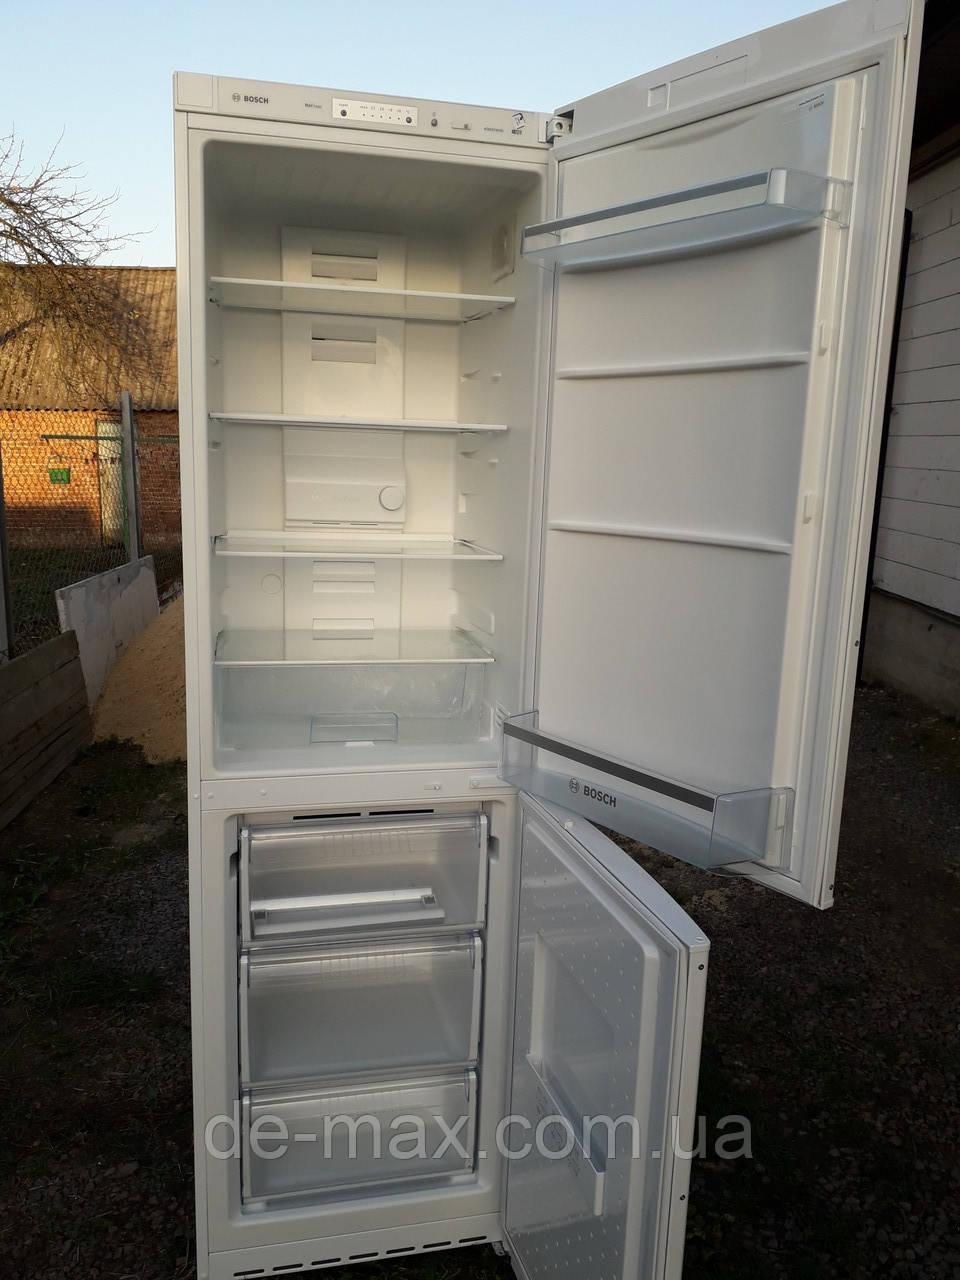 Холодильник Bosch KGN39X03 2м No Frost